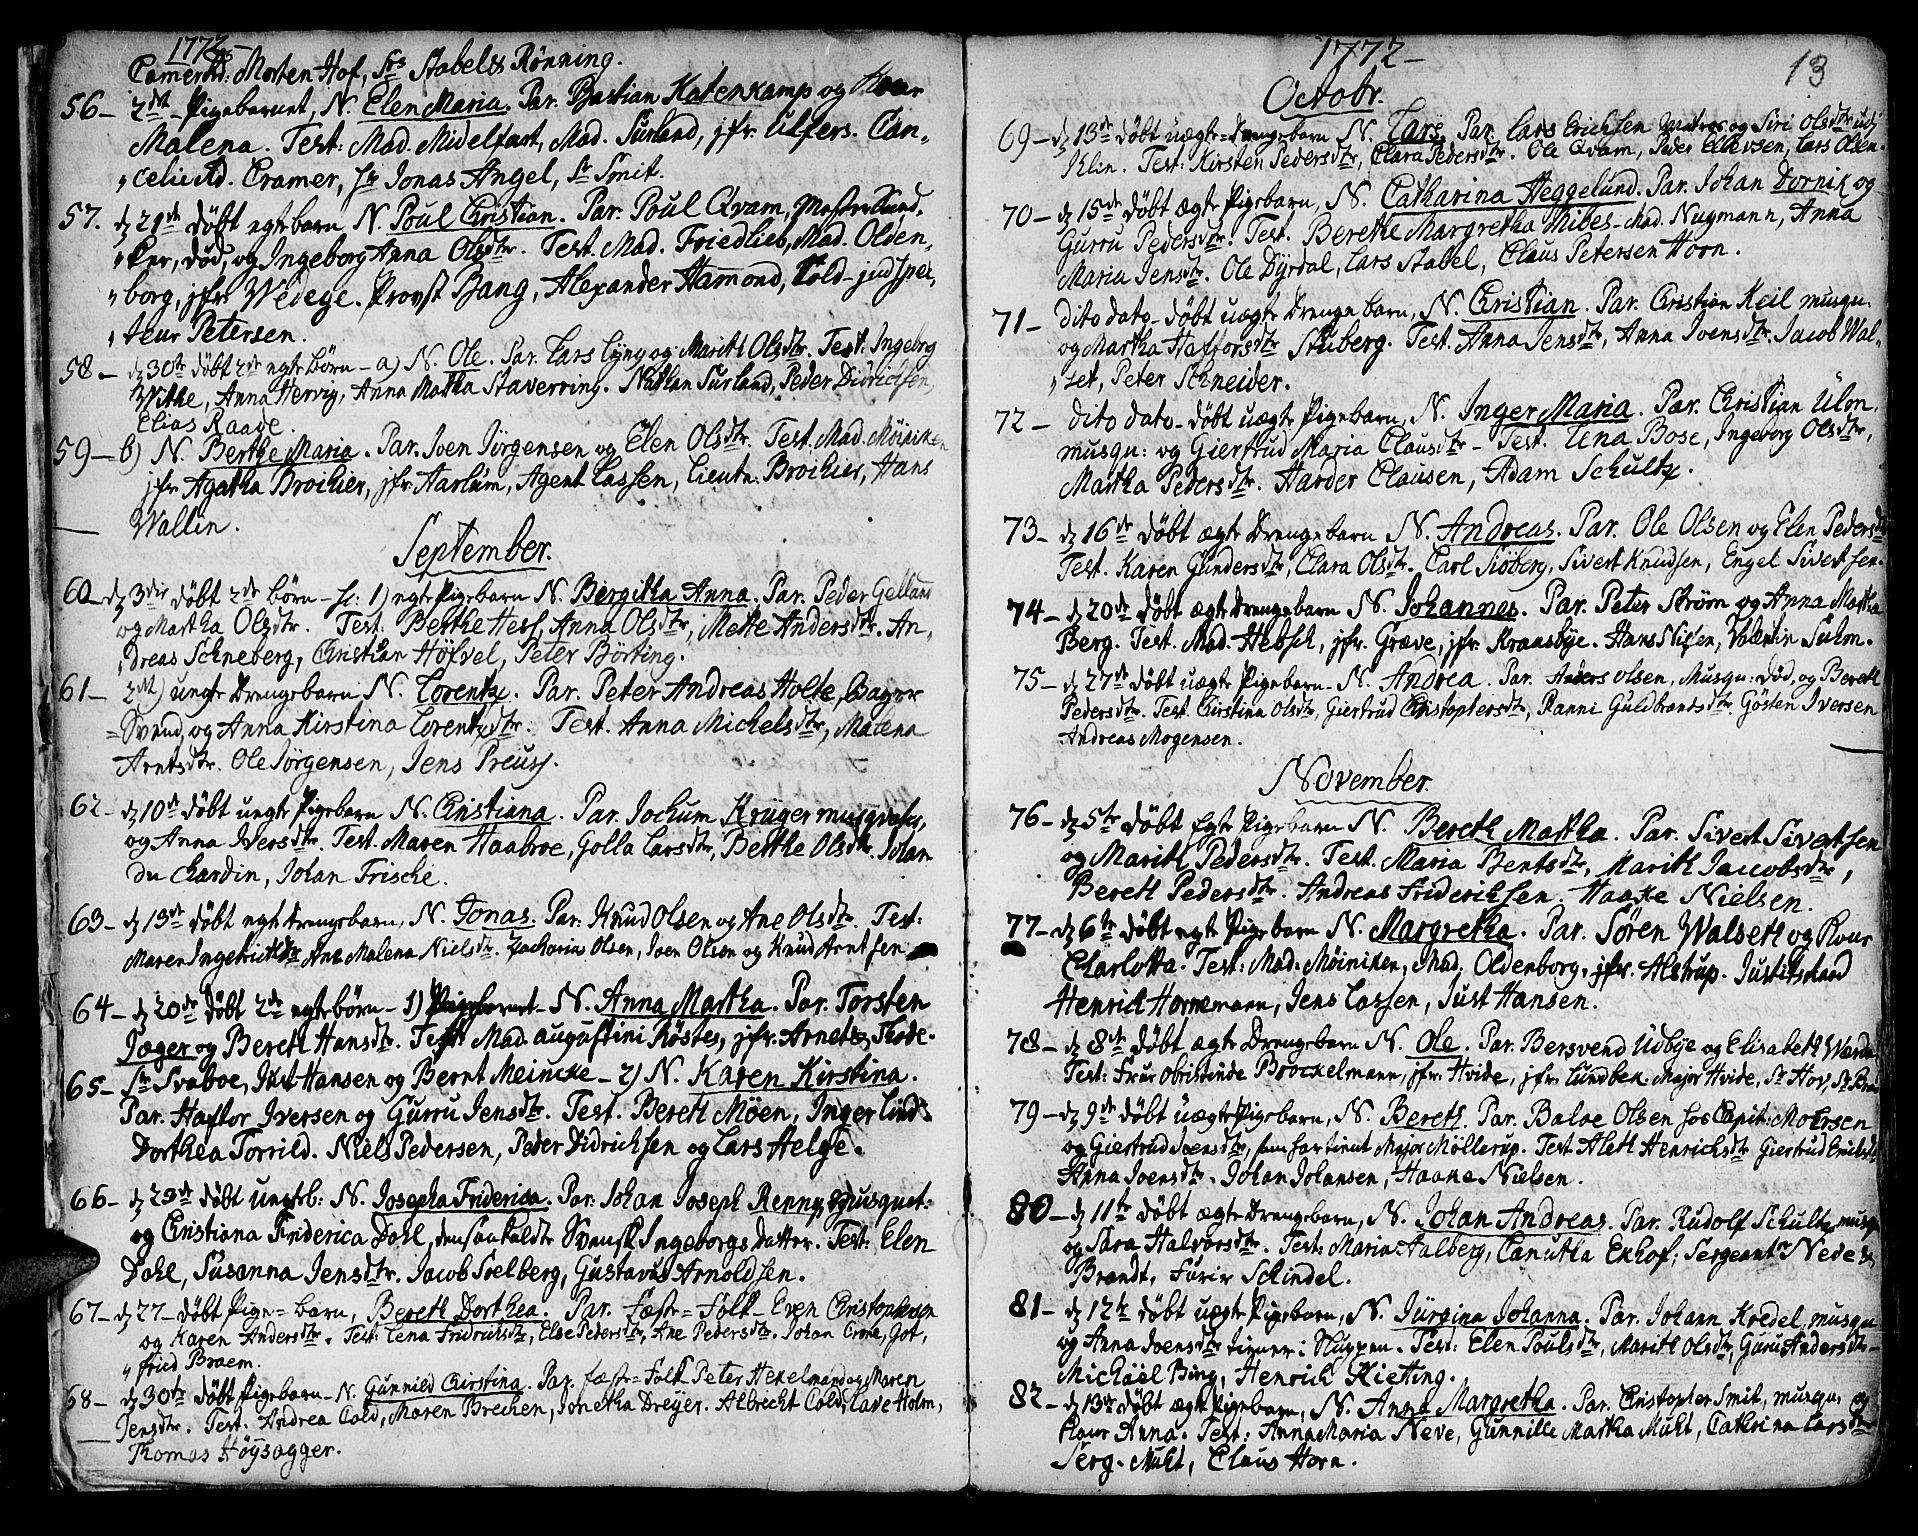 SAT, Ministerialprotokoller, klokkerbøker og fødselsregistre - Sør-Trøndelag, 601/L0039: Ministerialbok nr. 601A07, 1770-1819, s. 13